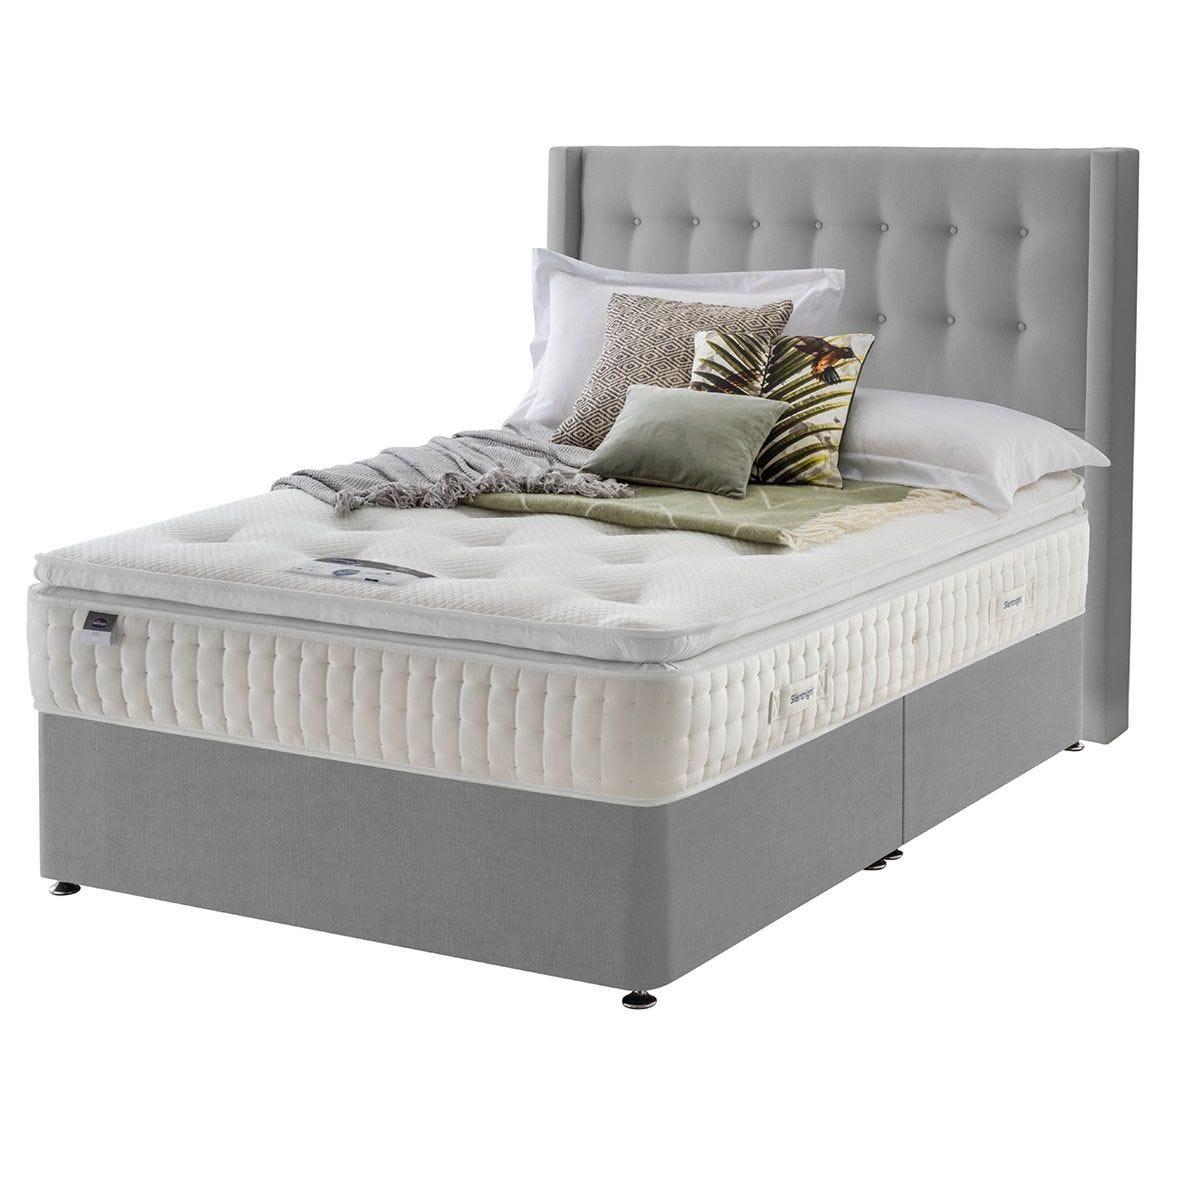 Silentnight Mirapocket Latex 1400 Non Storage Divan Bed - Grey